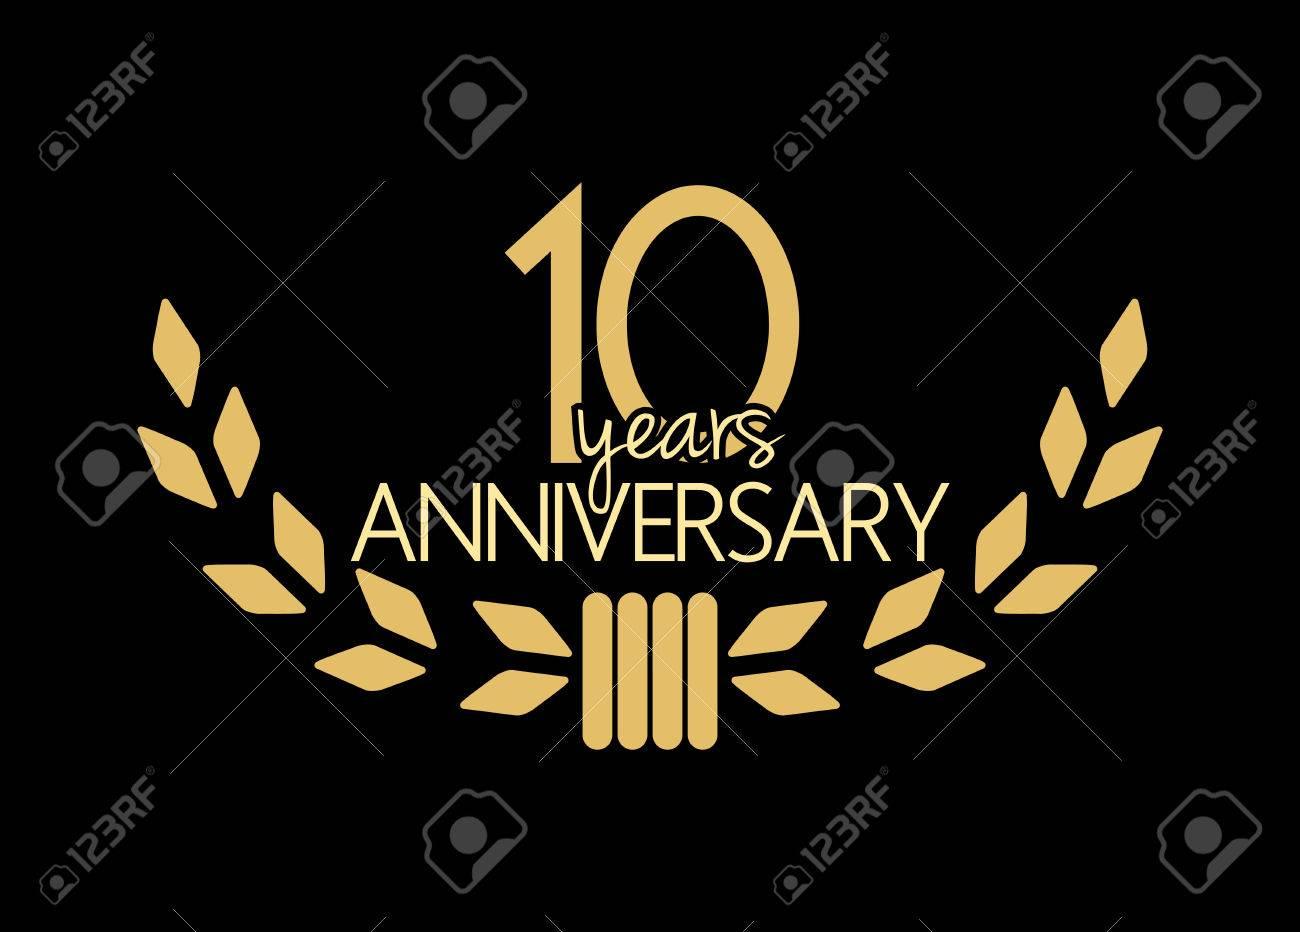 10 years anniversary - 47722044